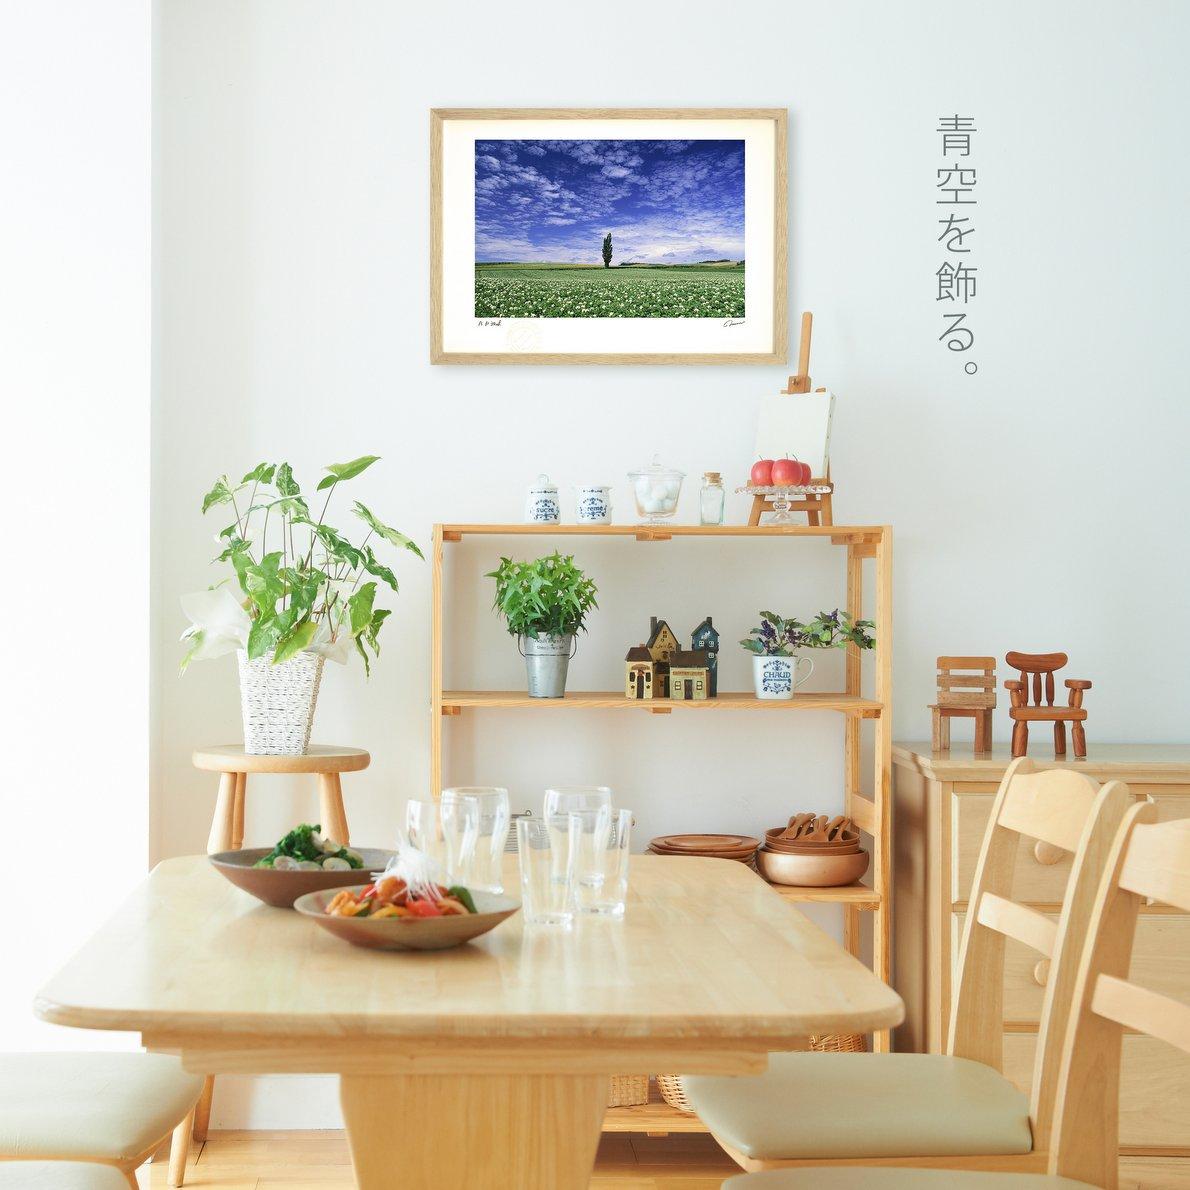 《アートフォト》春の丘4/南富良野町〔富良野・高橋真澄〕(レンタル対象)